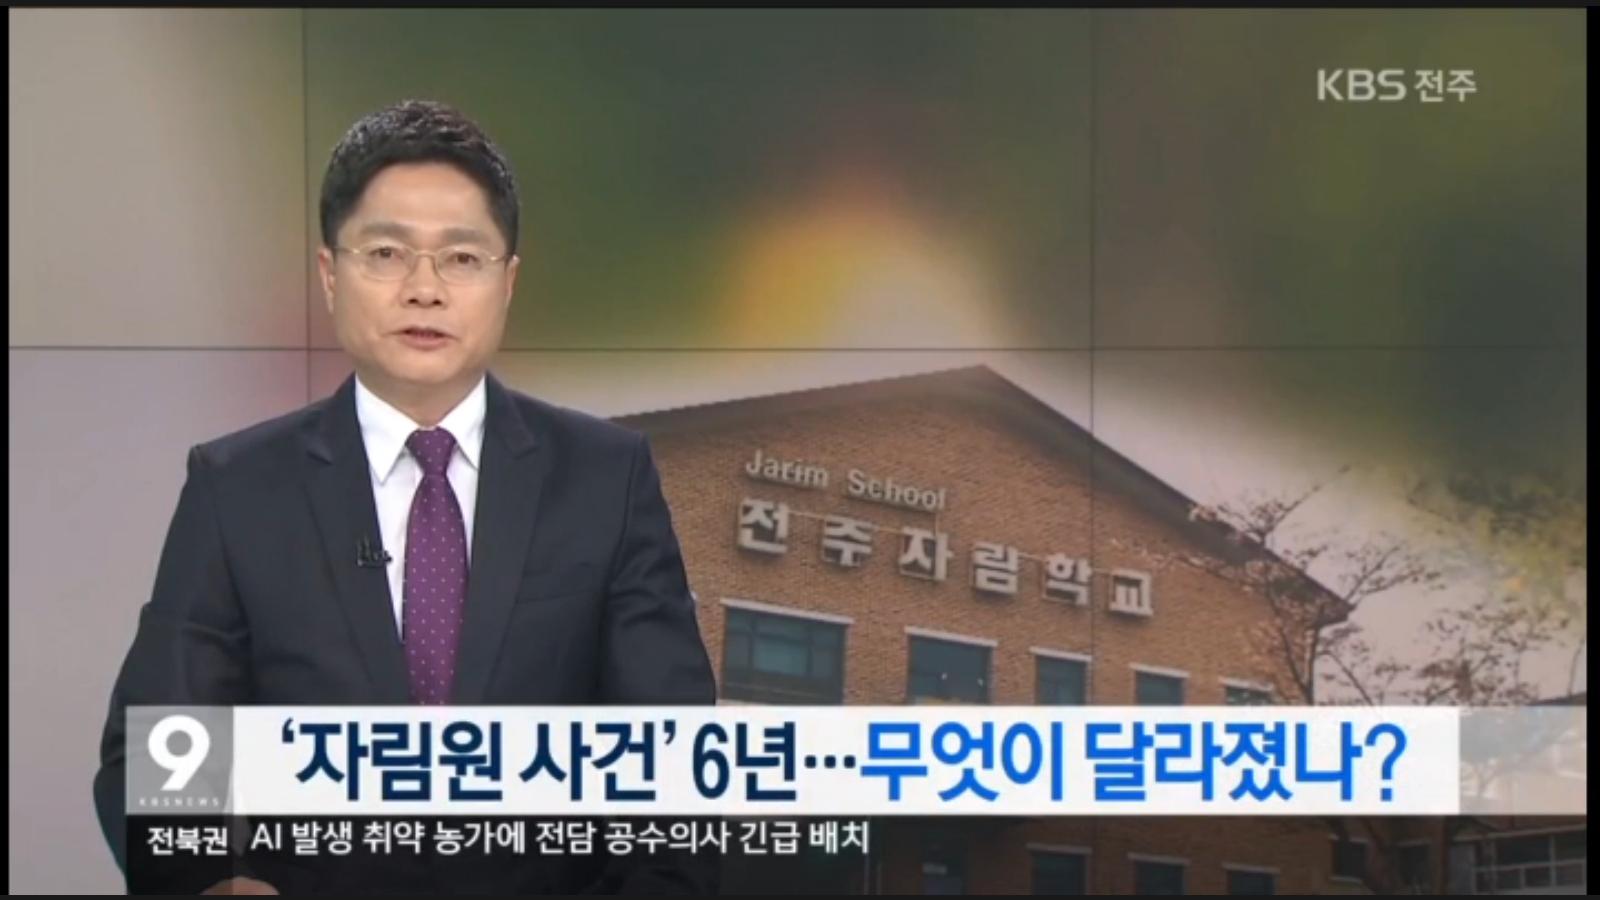 [17.3.2 KBS전주] 전주판 도가니, 자림원 사건 과제 산적1.jpg